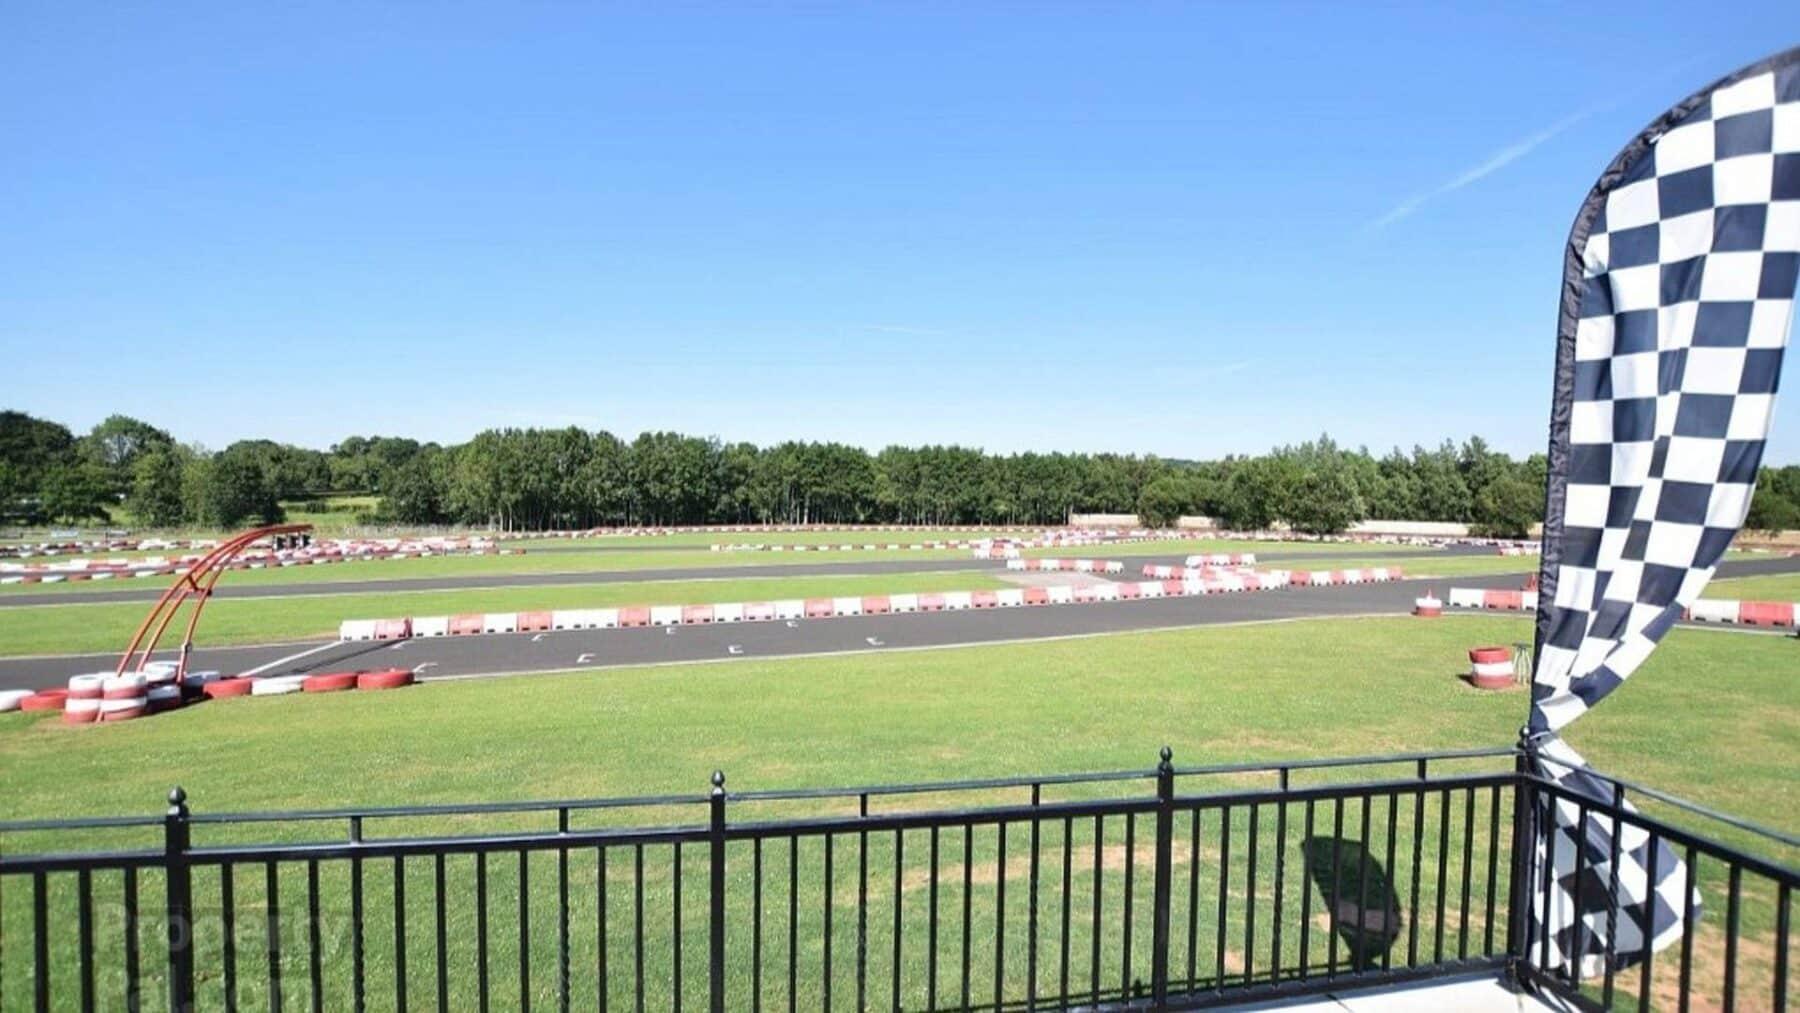 Circuito Karts : Ahora puedes comprar tu propio circuito de karts con mansión incluida